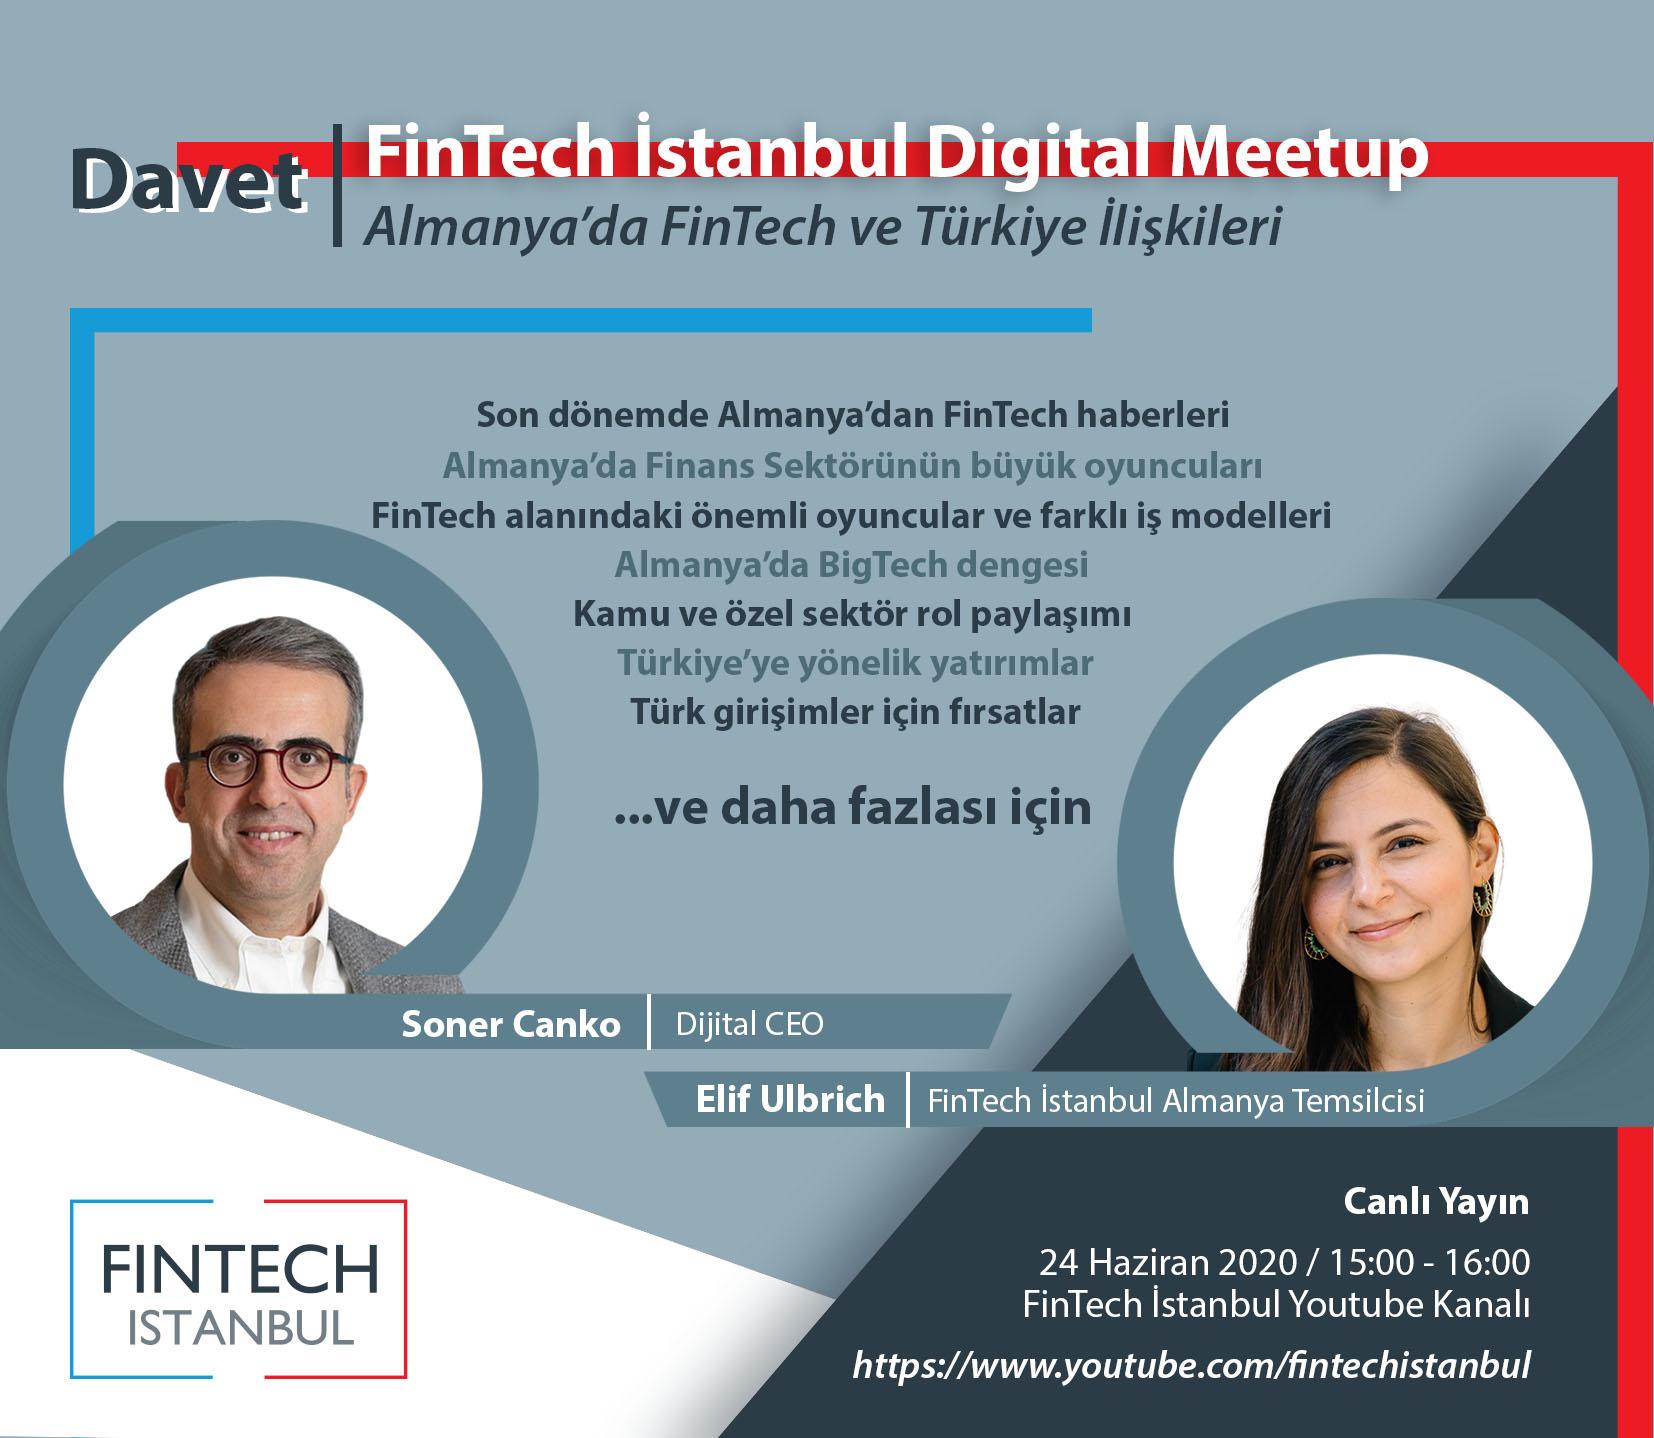 Davet: FinTech İstanbul Digital Meetup - S01E12 - Almanya'da FinTech ve Türkiye İlişkileri